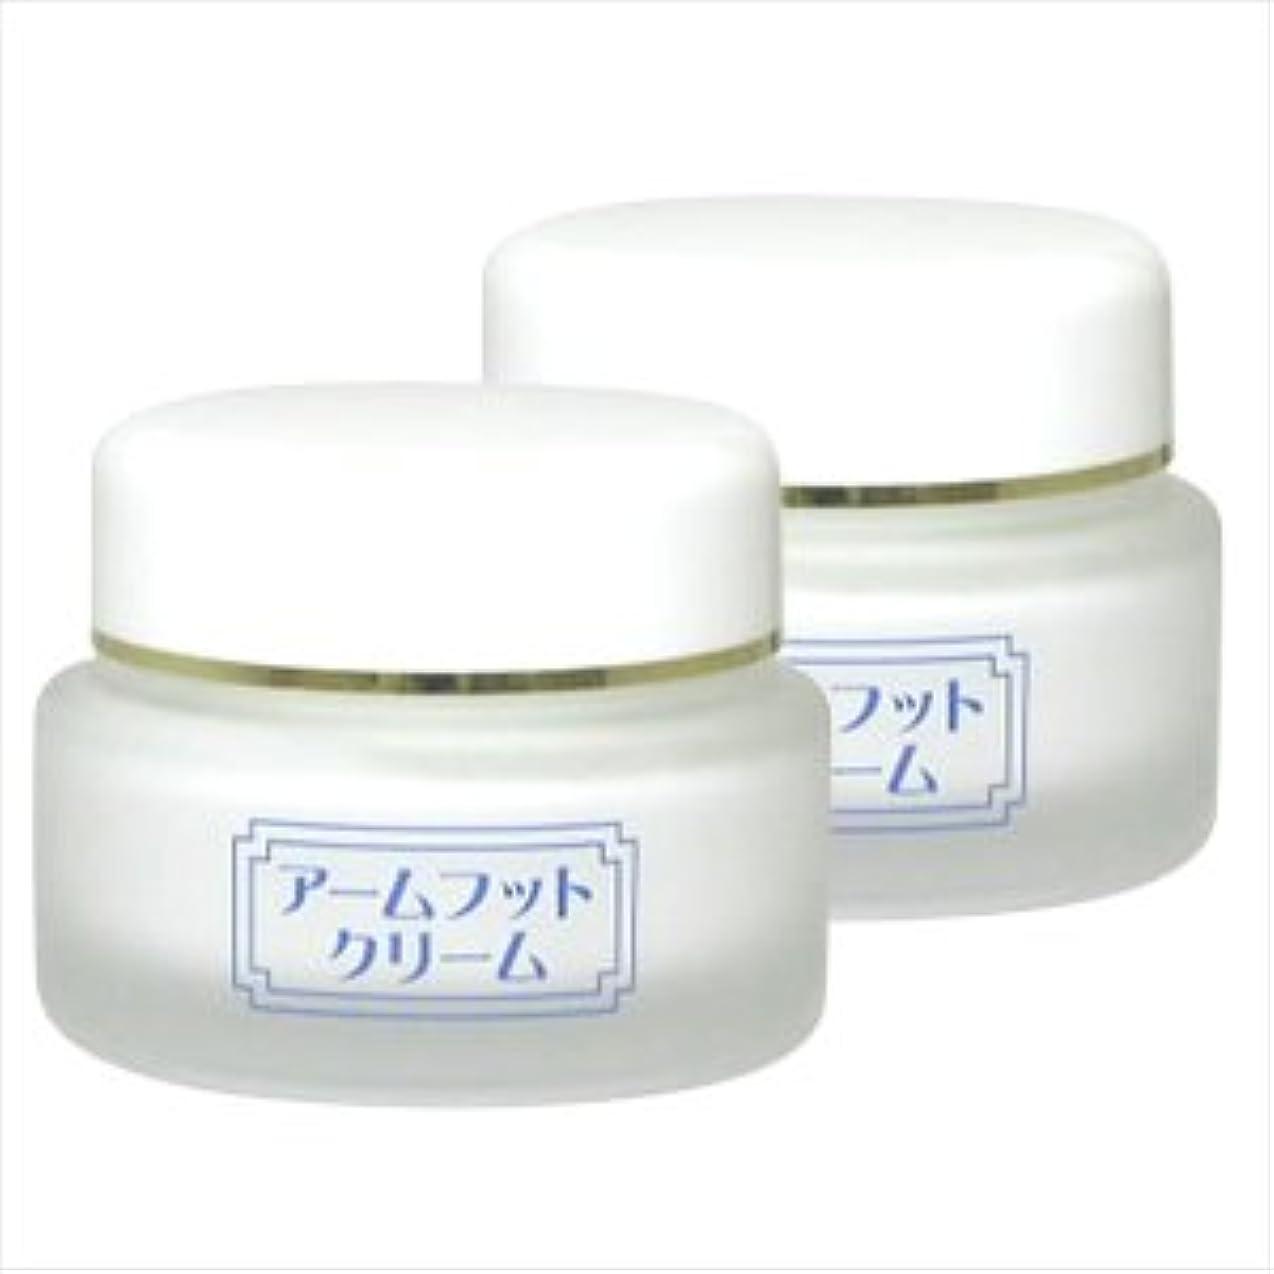 マッサージみ攻撃薬用デオドラントクリーム アームフットクリーム(20g) (2個セット)